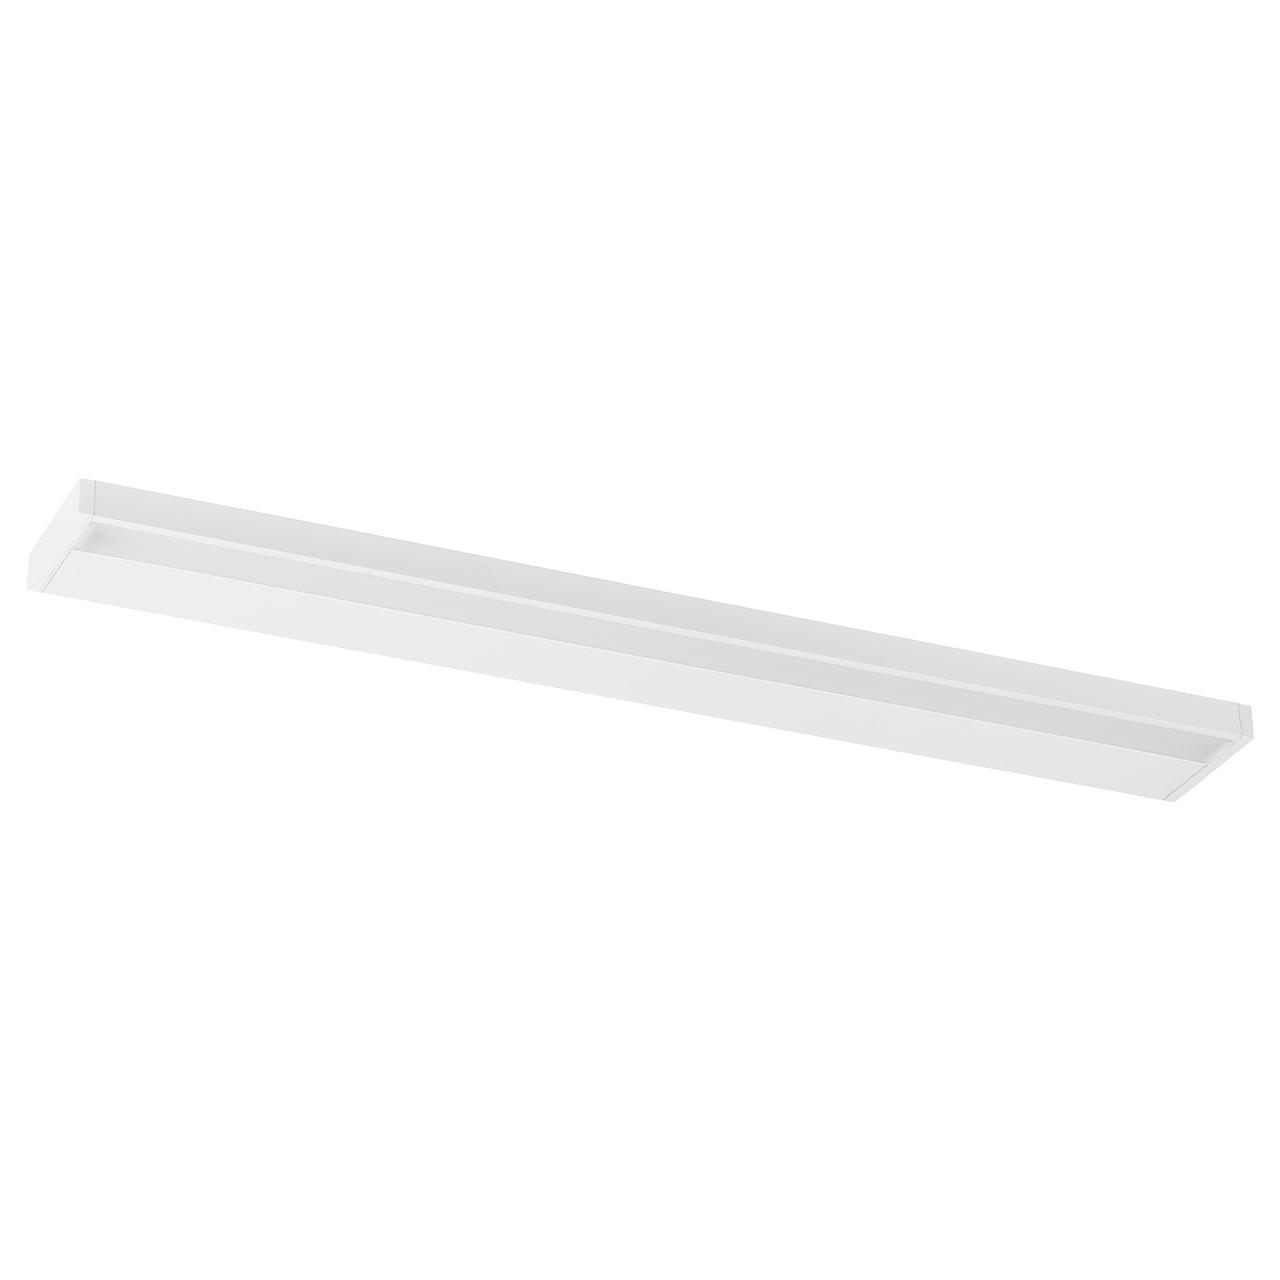 IKEA GODMORGON ( 404.298.96) LED підсвітка д/шафи/стіни 100 см